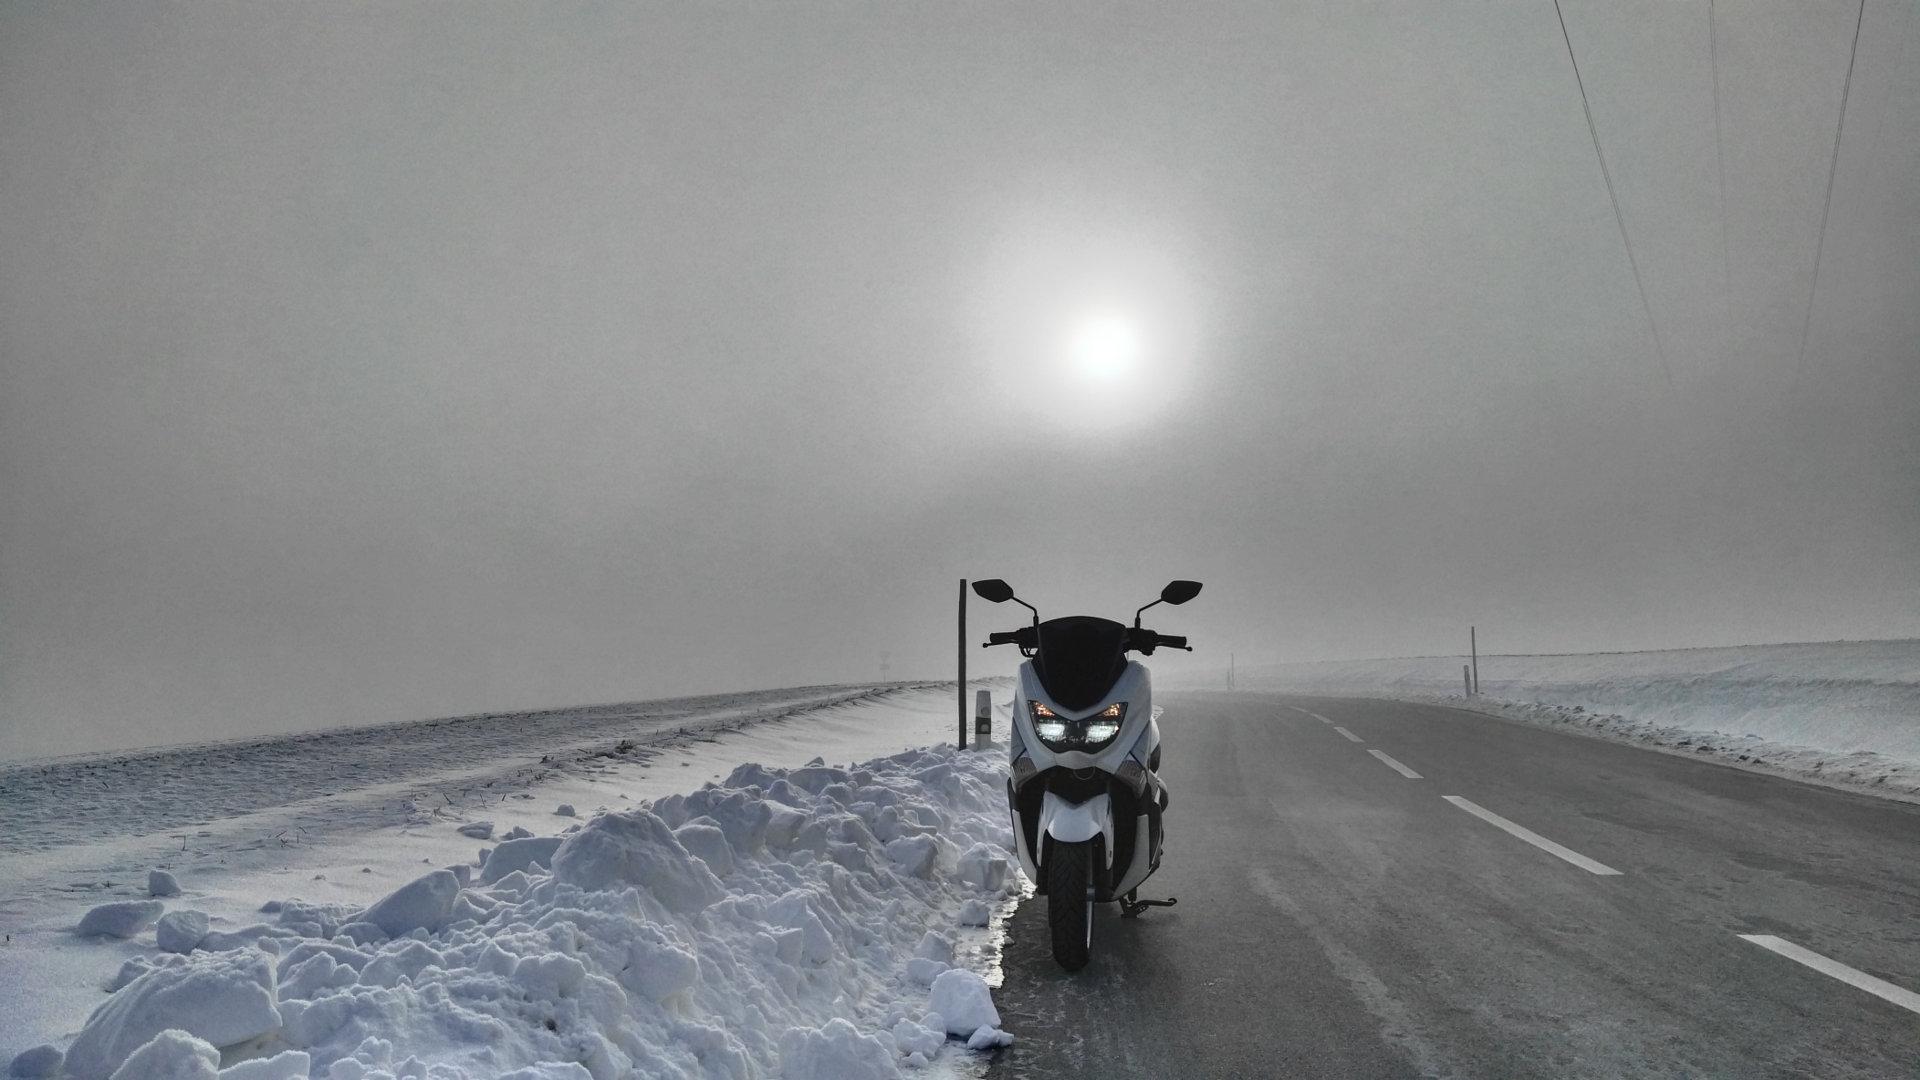 Winterfahrt mit Yamaha NMAX